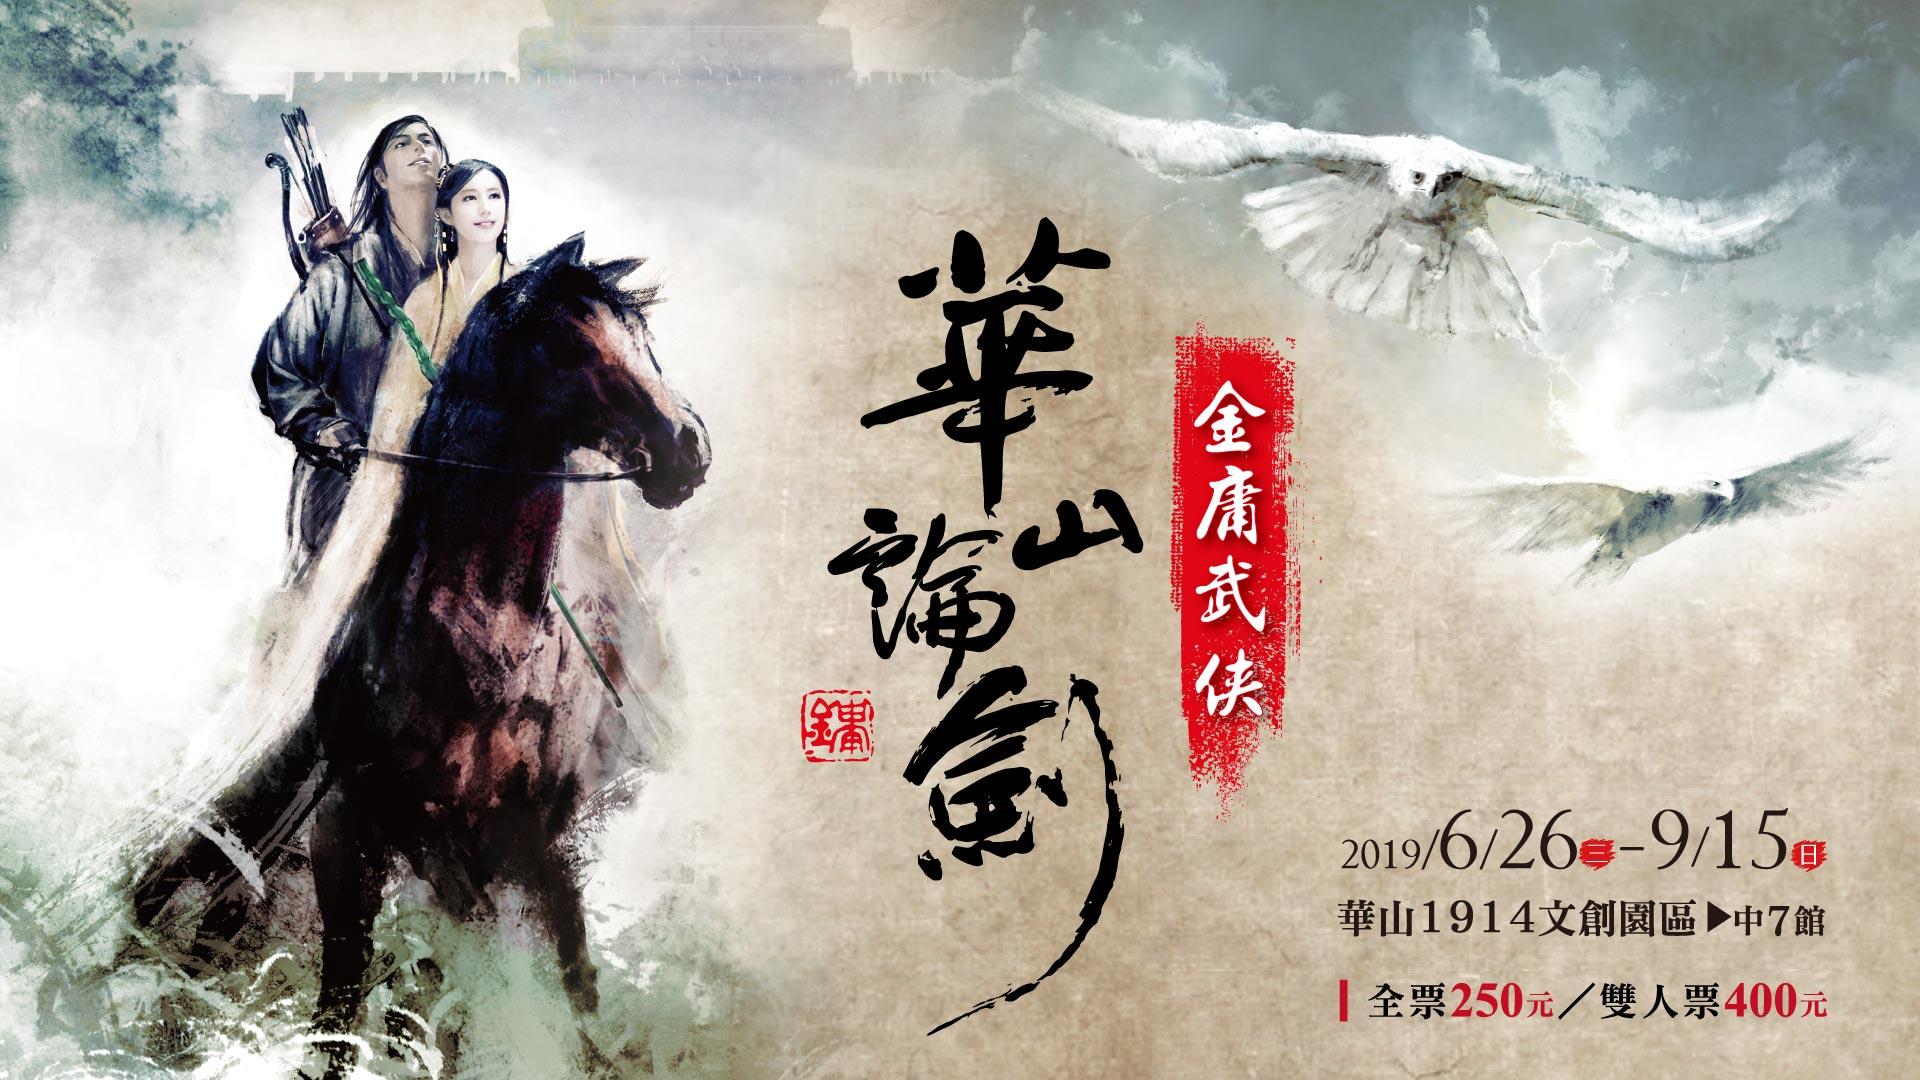 「金庸武俠-華山論劍」特展